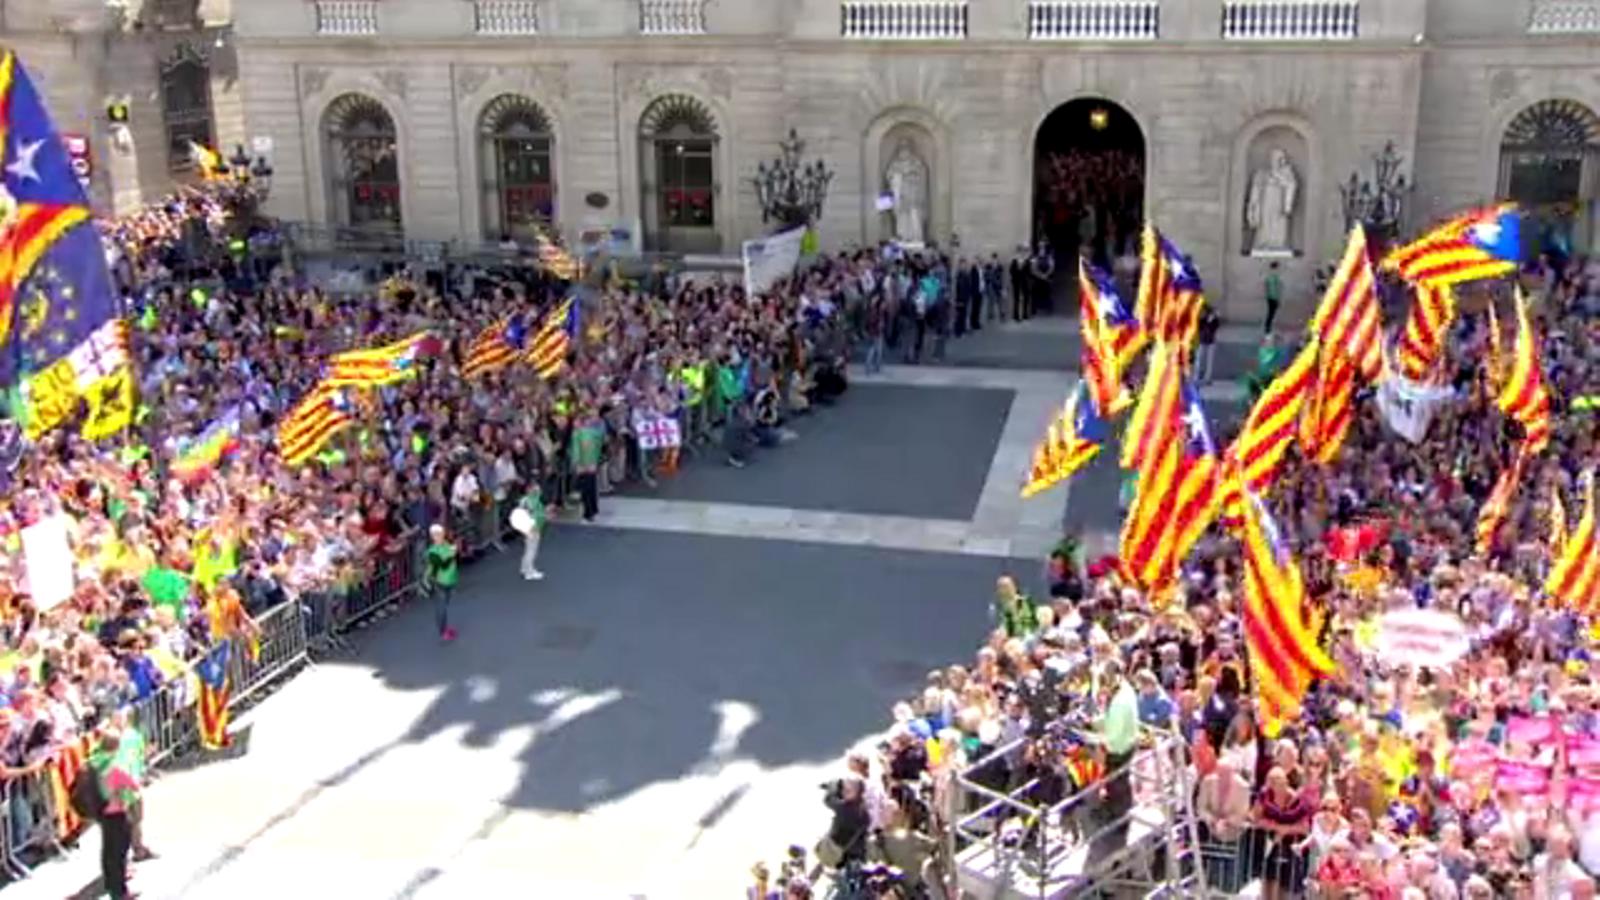 Els alcaldes a la plaça Sant Jaume després de ser amenaçats per col·laborar amb l'1-O